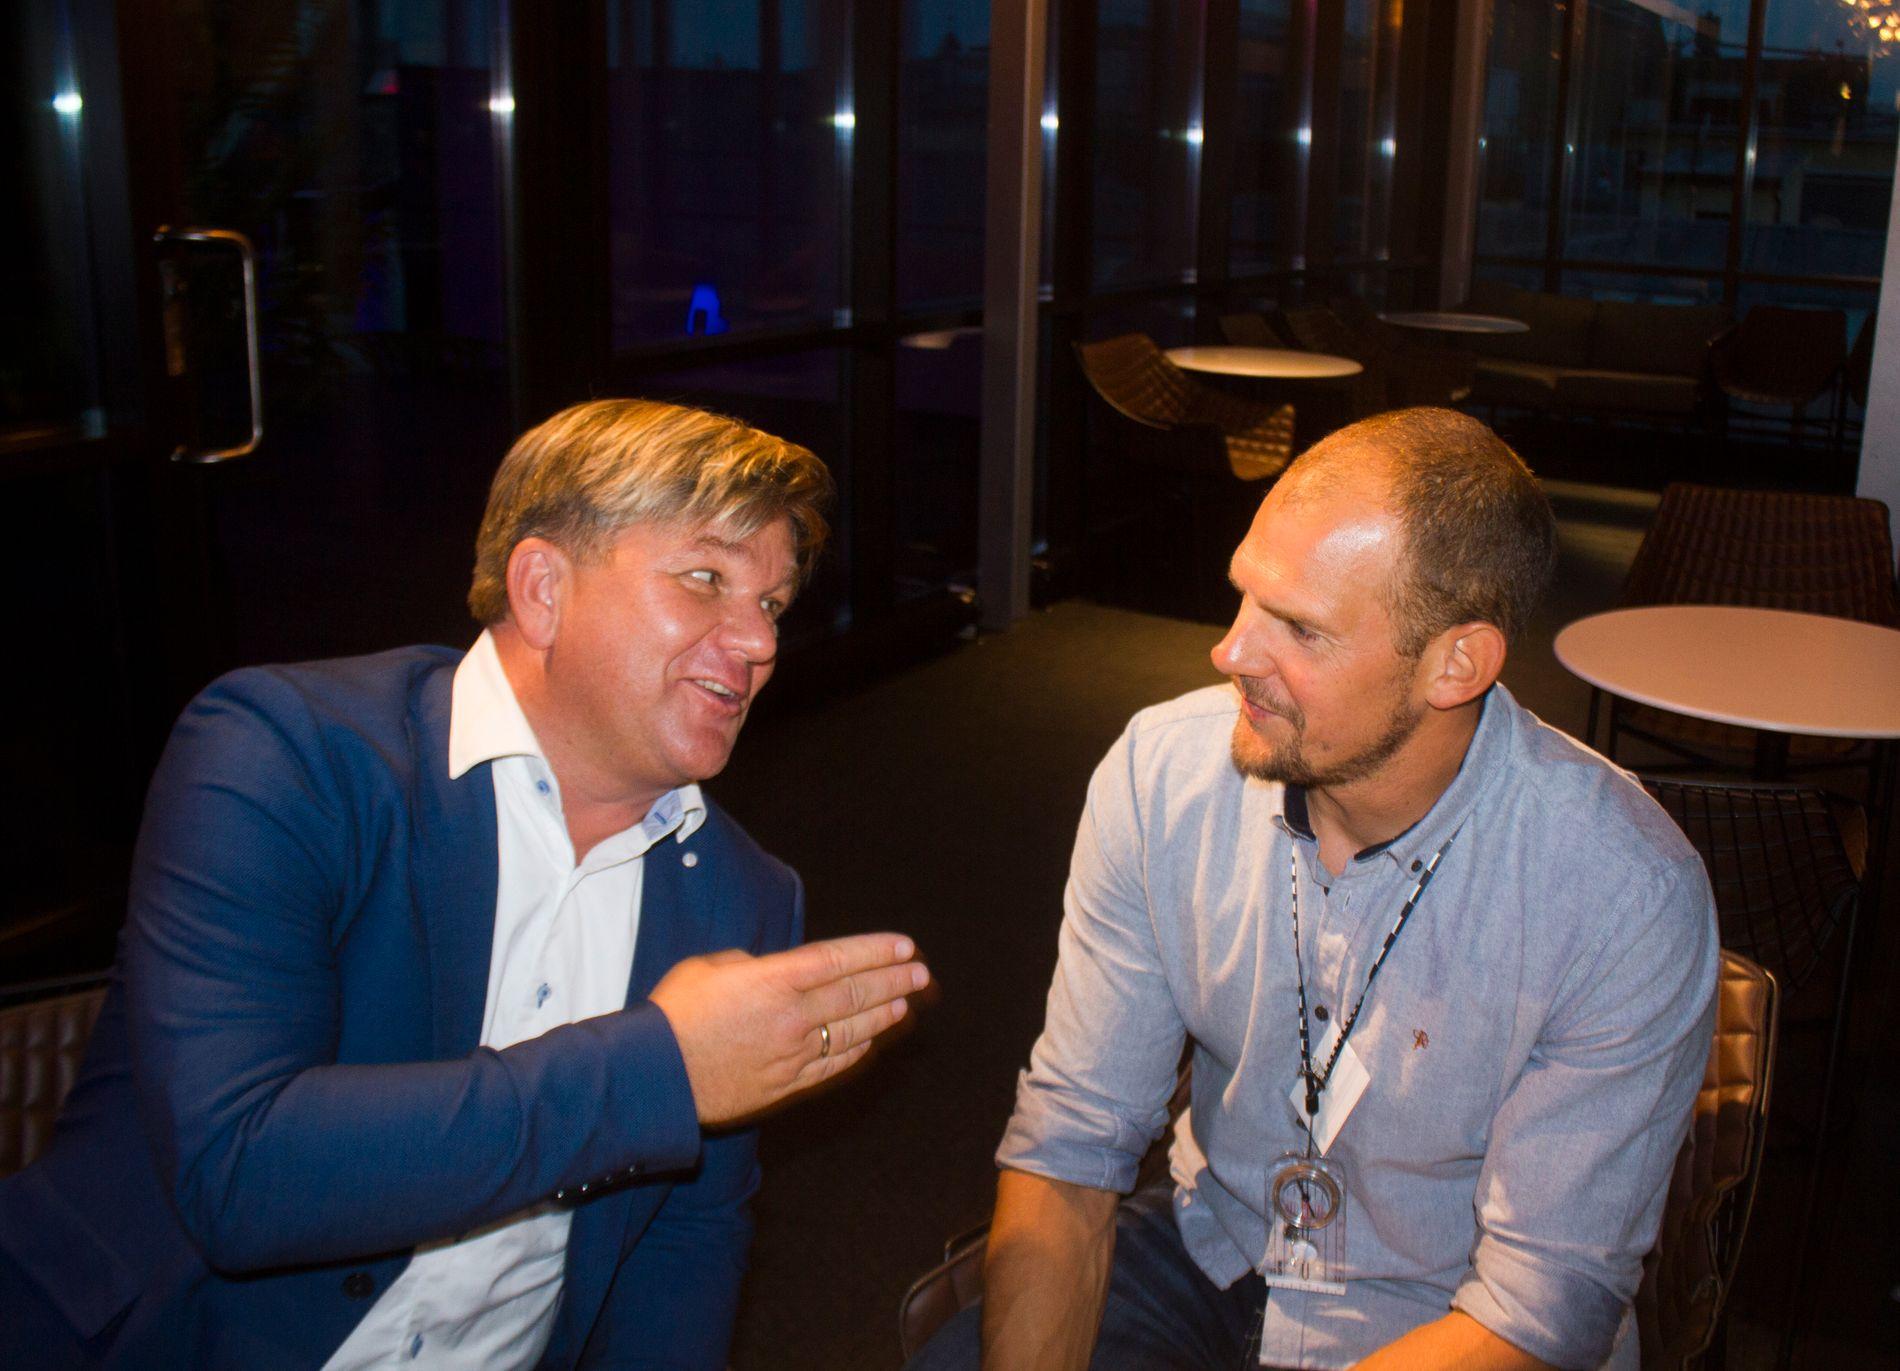 VINNER AV KJENDISUTGAVEN I 2014: Olaf Tufte (til høyre). Henning Solberg ble nummer tre, men humøret torsdag var det ikke noe å si på.